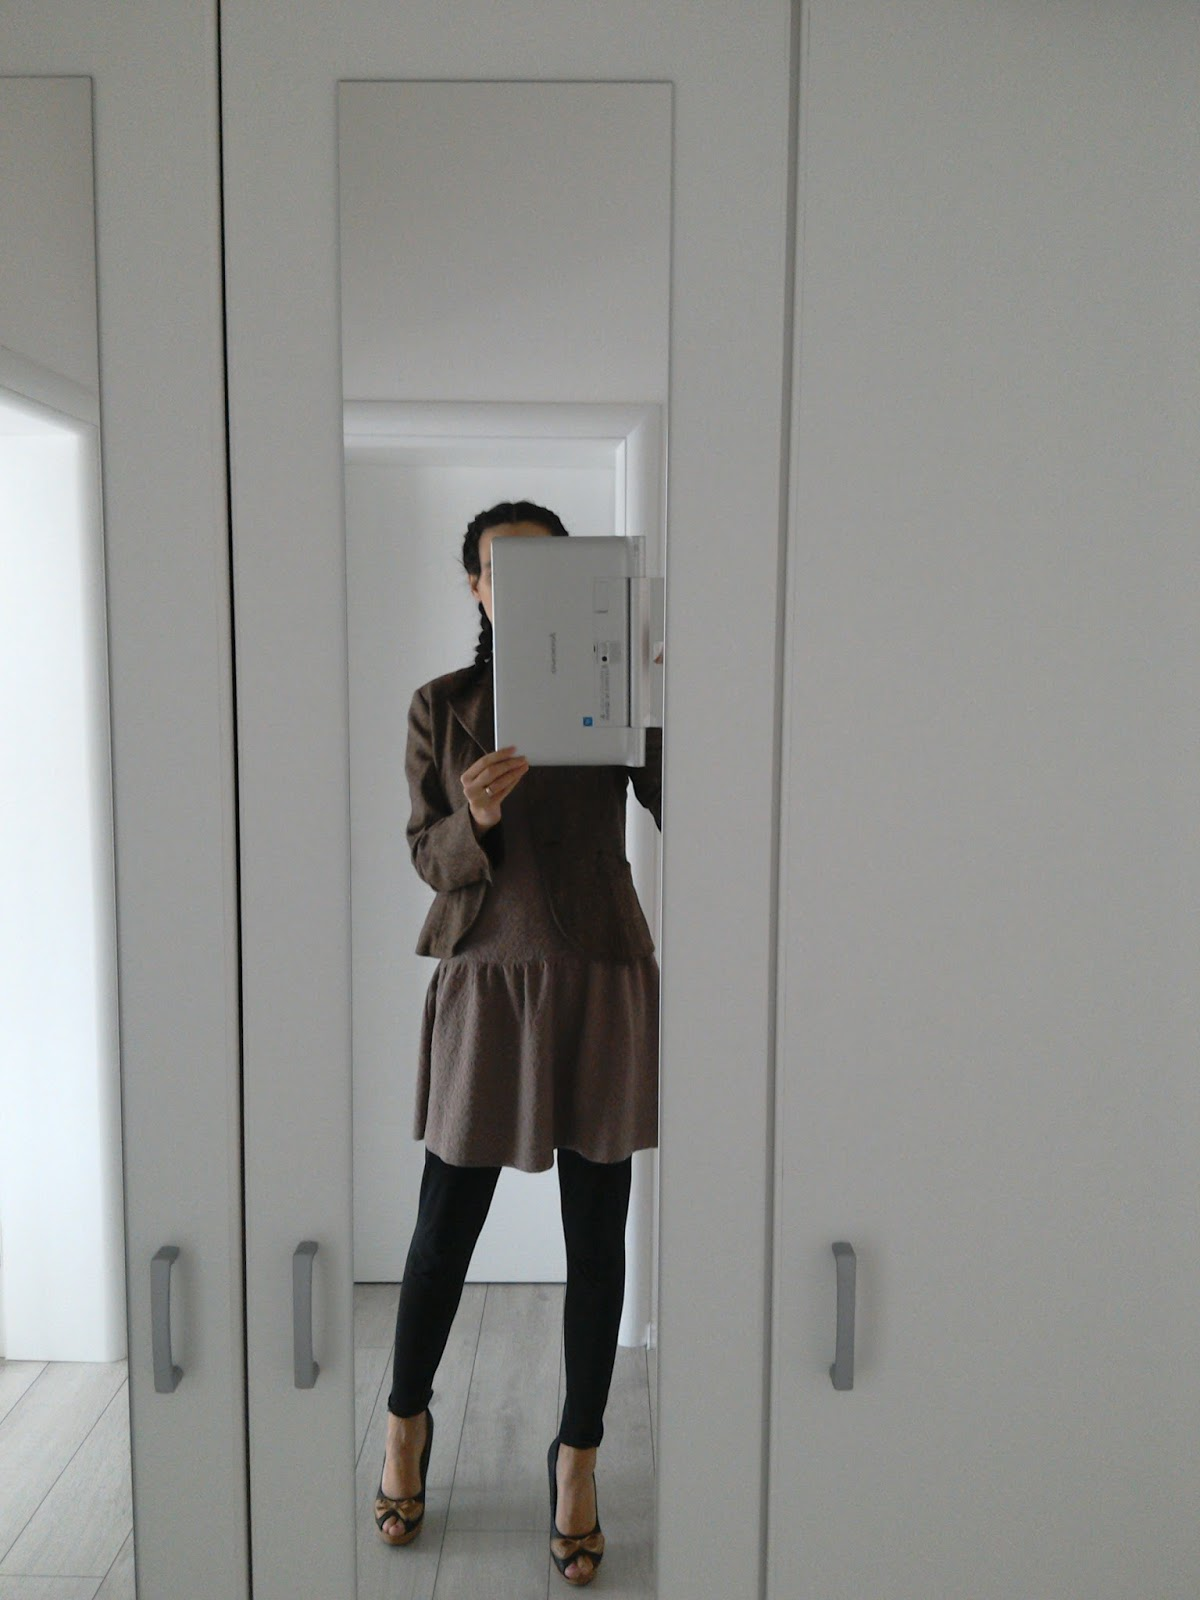 #modaodaradosti #heels #dress